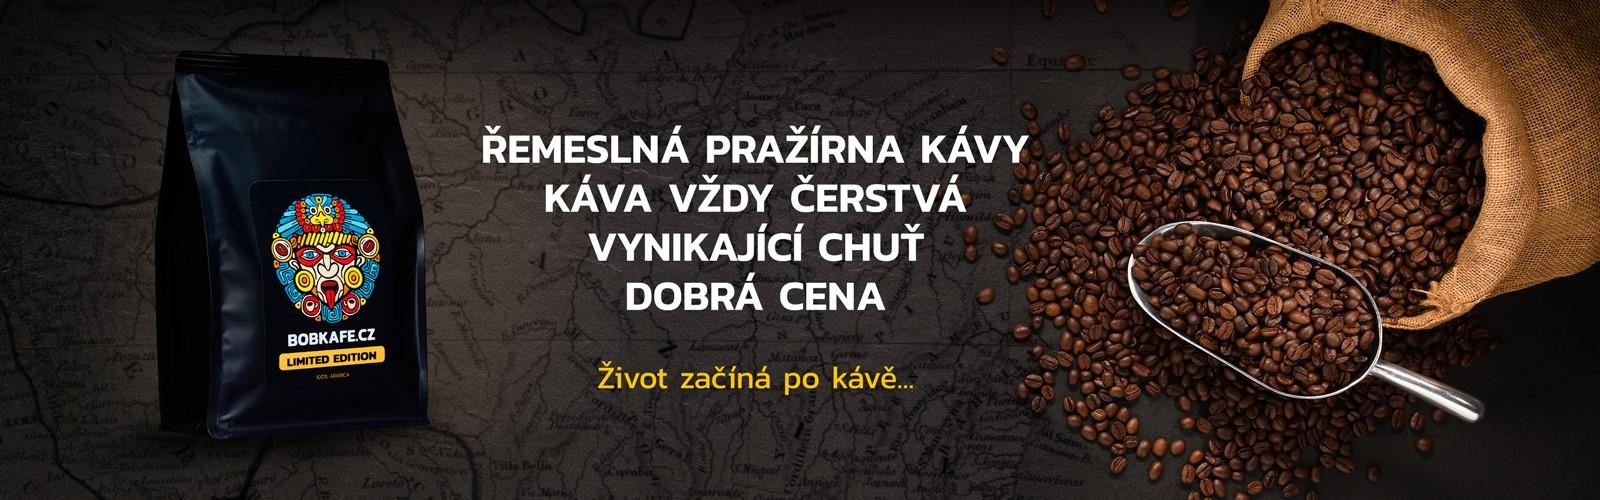 Carousel Výhody Bobkafe.cz - Pražírna kávy